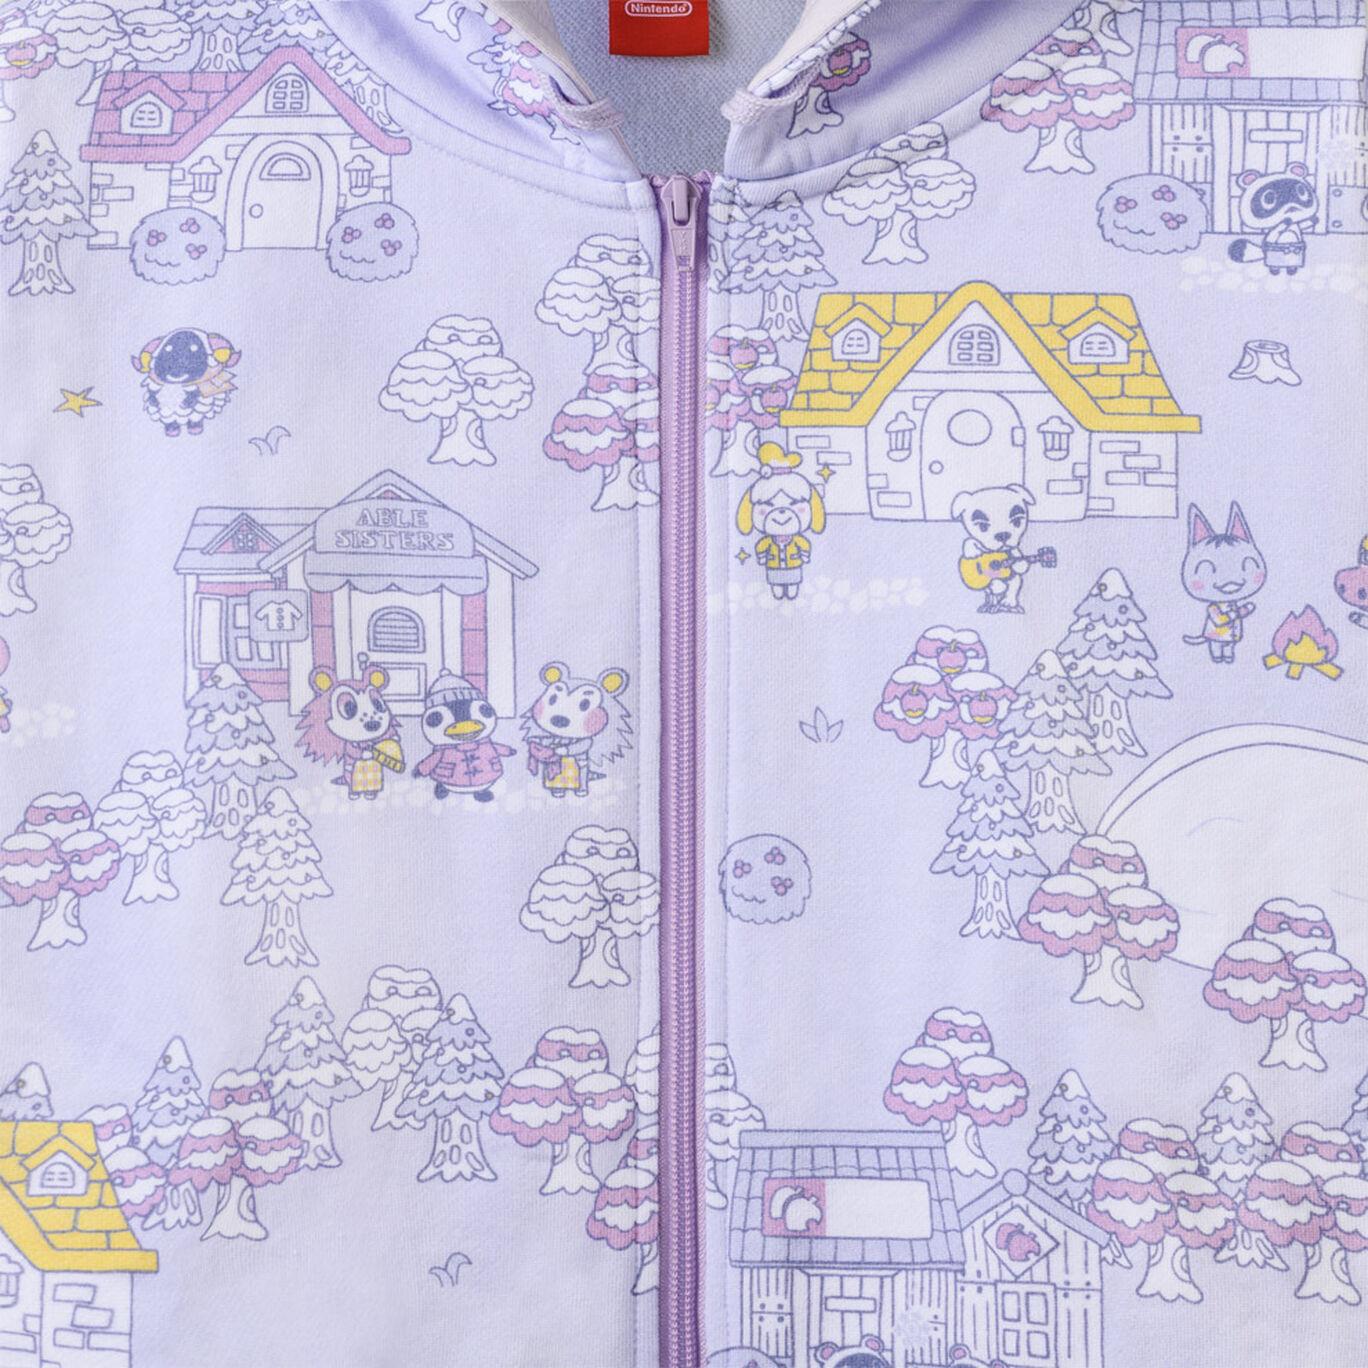 【新商品】パーカー どうぶつの森【Nintendo TOKYO取り扱い商品】